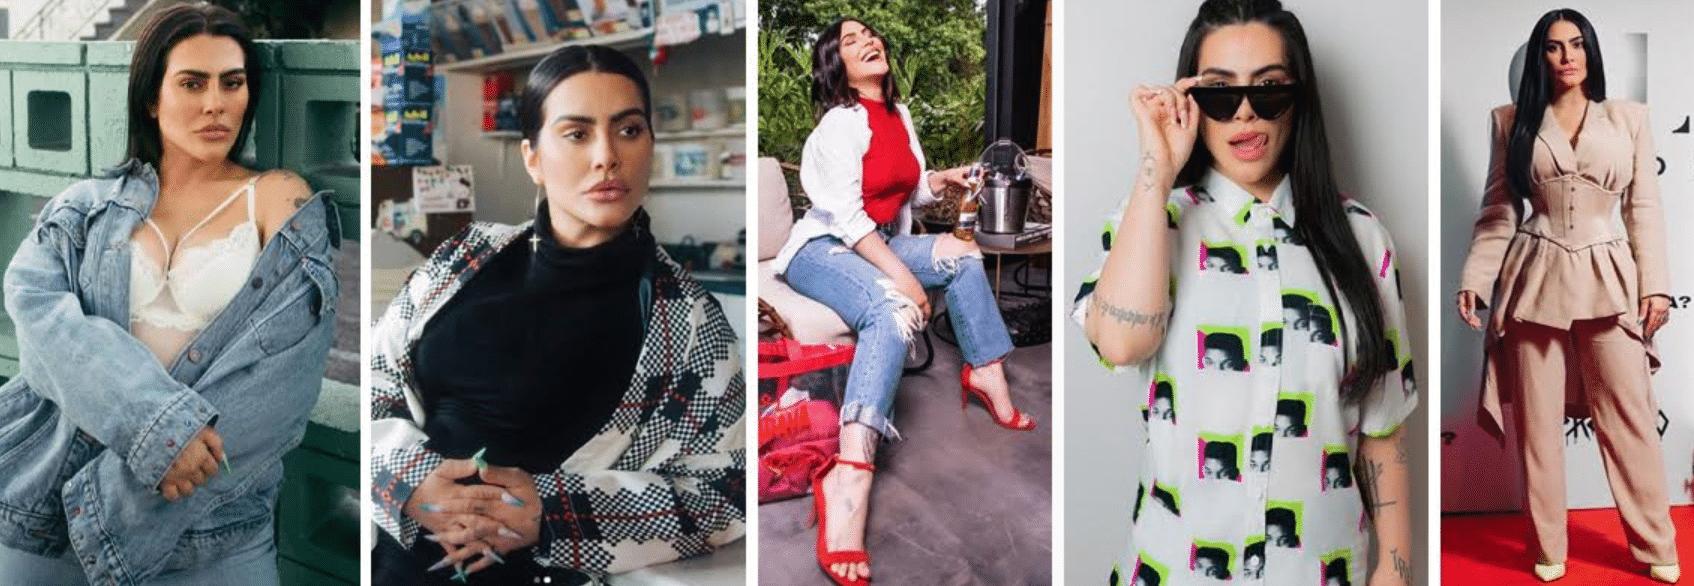 imagens da atriz Cleo Pires com diversos looks